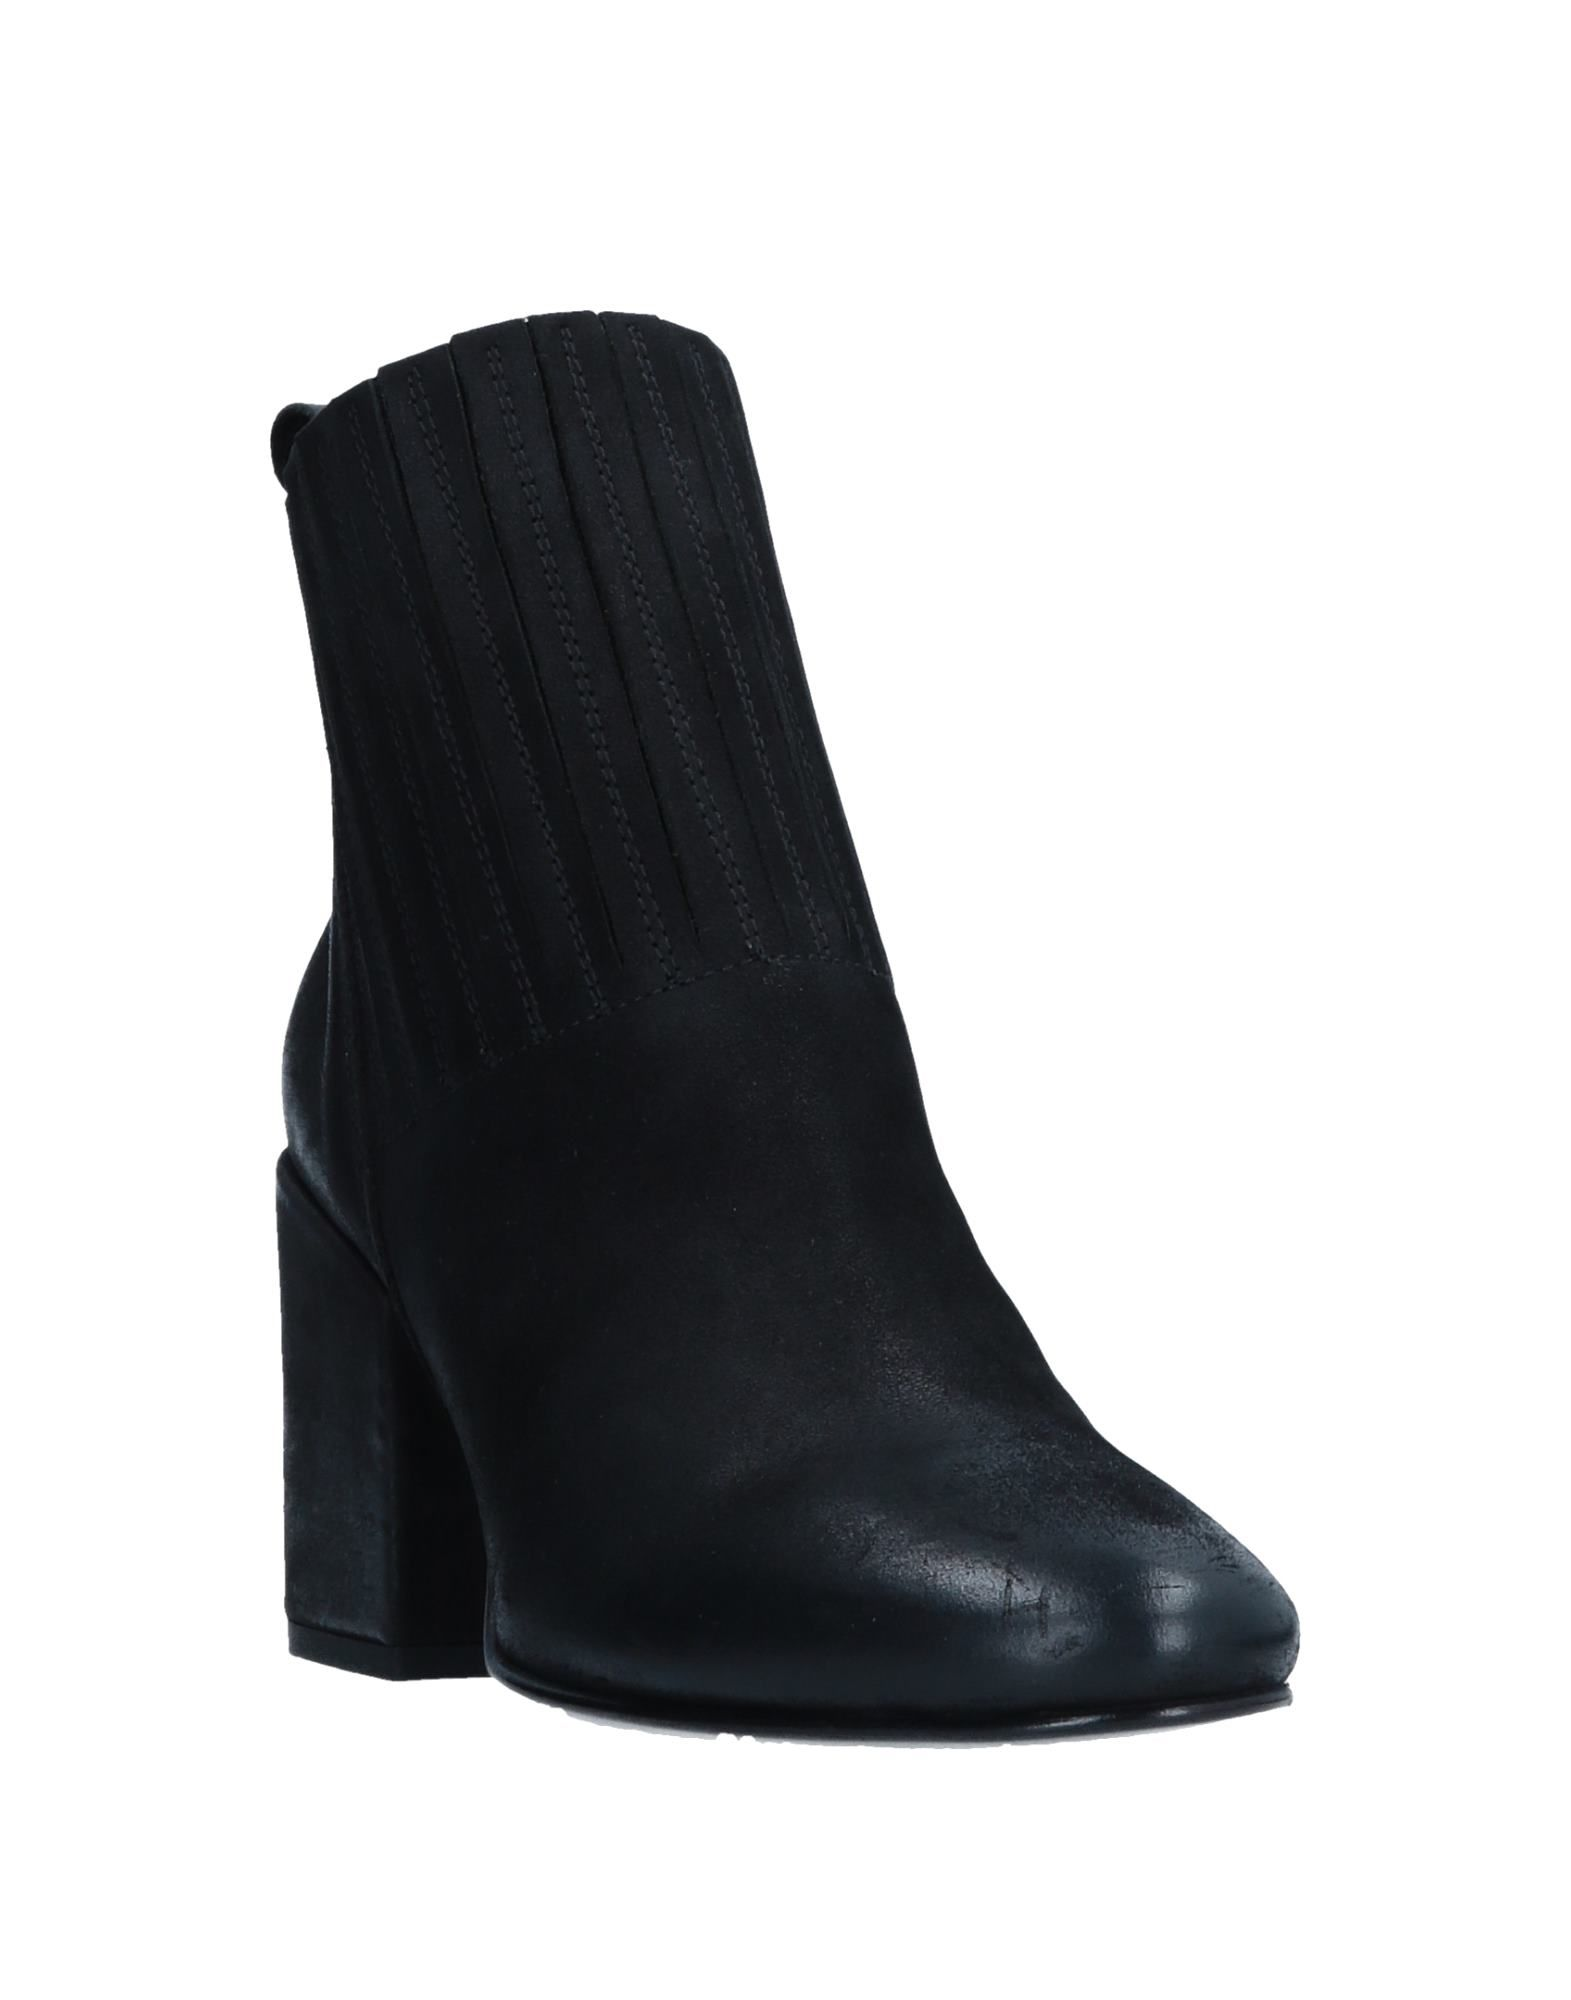 Strategia Stiefelette Damen  11553557BVGut Schuhe aussehende strapazierfähige Schuhe 11553557BVGut d5378a